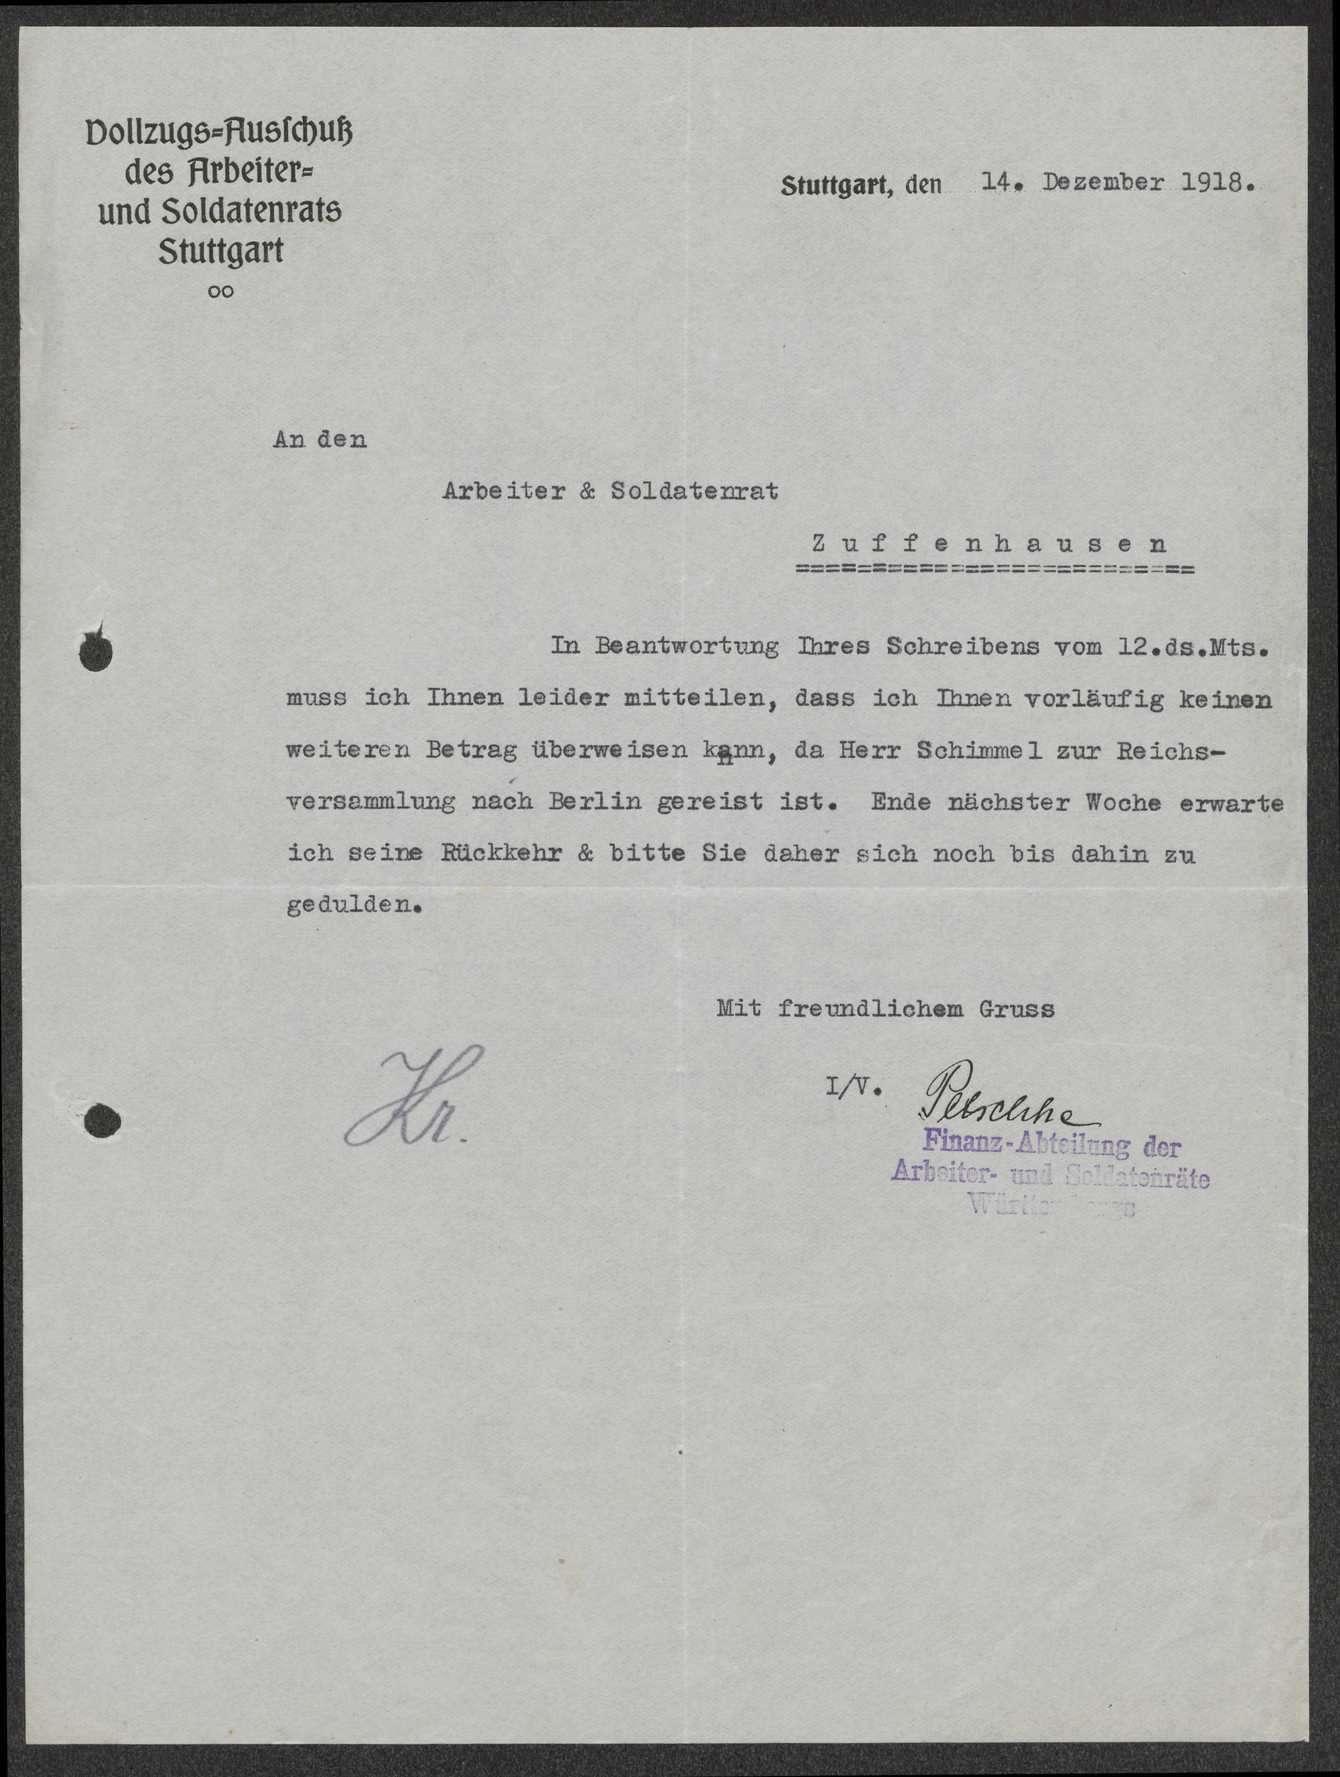 Kostenerstattung für Inserate im Neuen Tagblatt und für die Anfertigung von Armbändern für Soldatenratsmitglieder, Bild 3